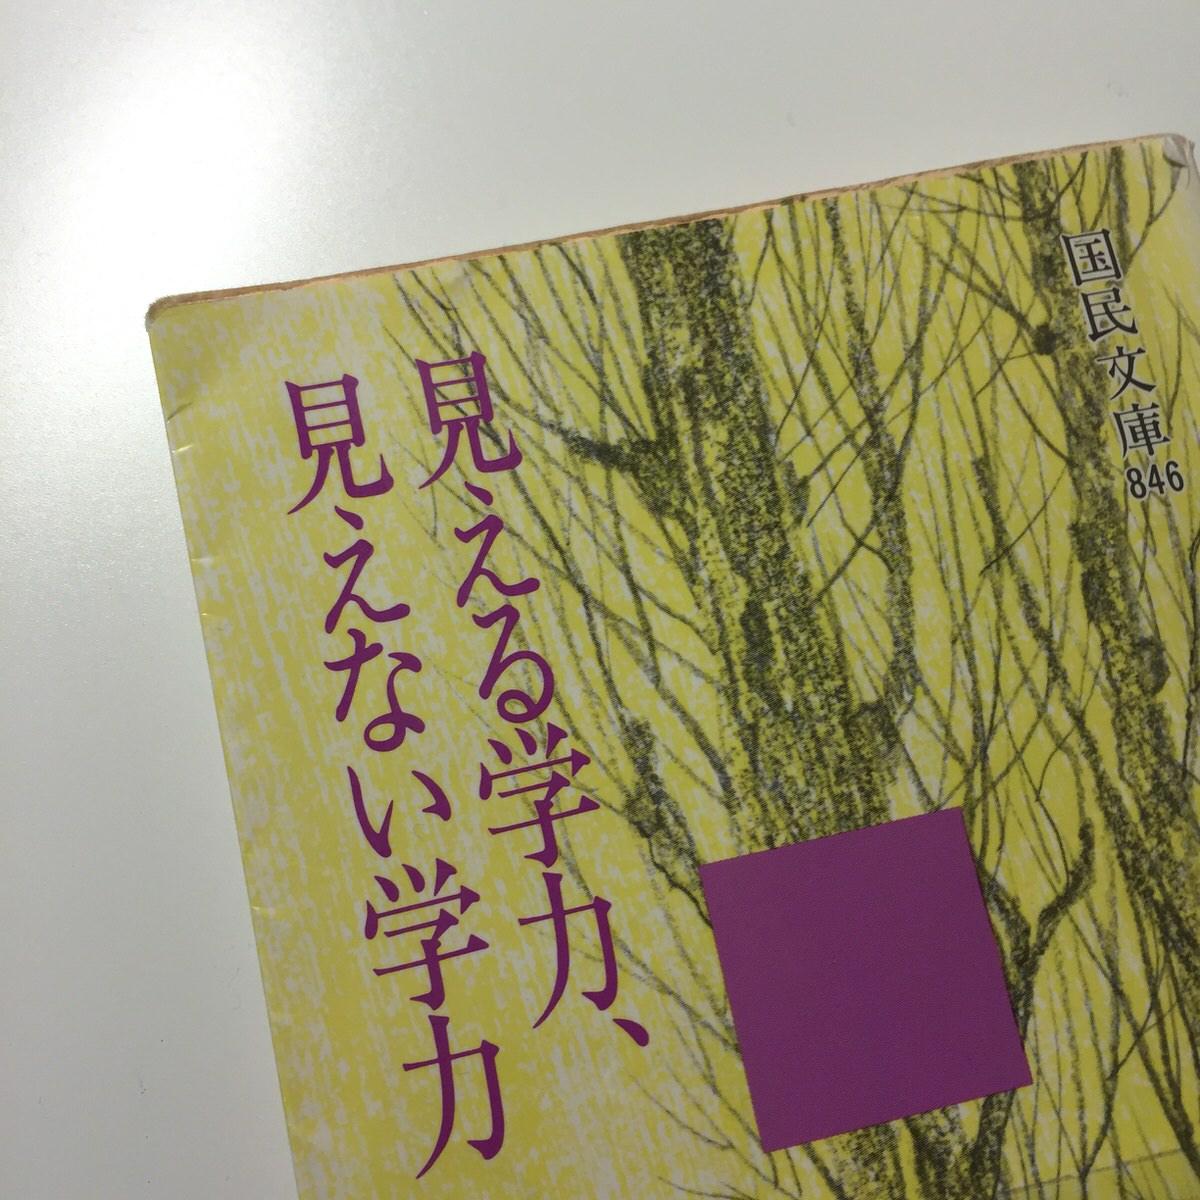 『見える学力 見えない学力』(岸本裕史さん:著)読解力の中身ってなんだろう?【書評】